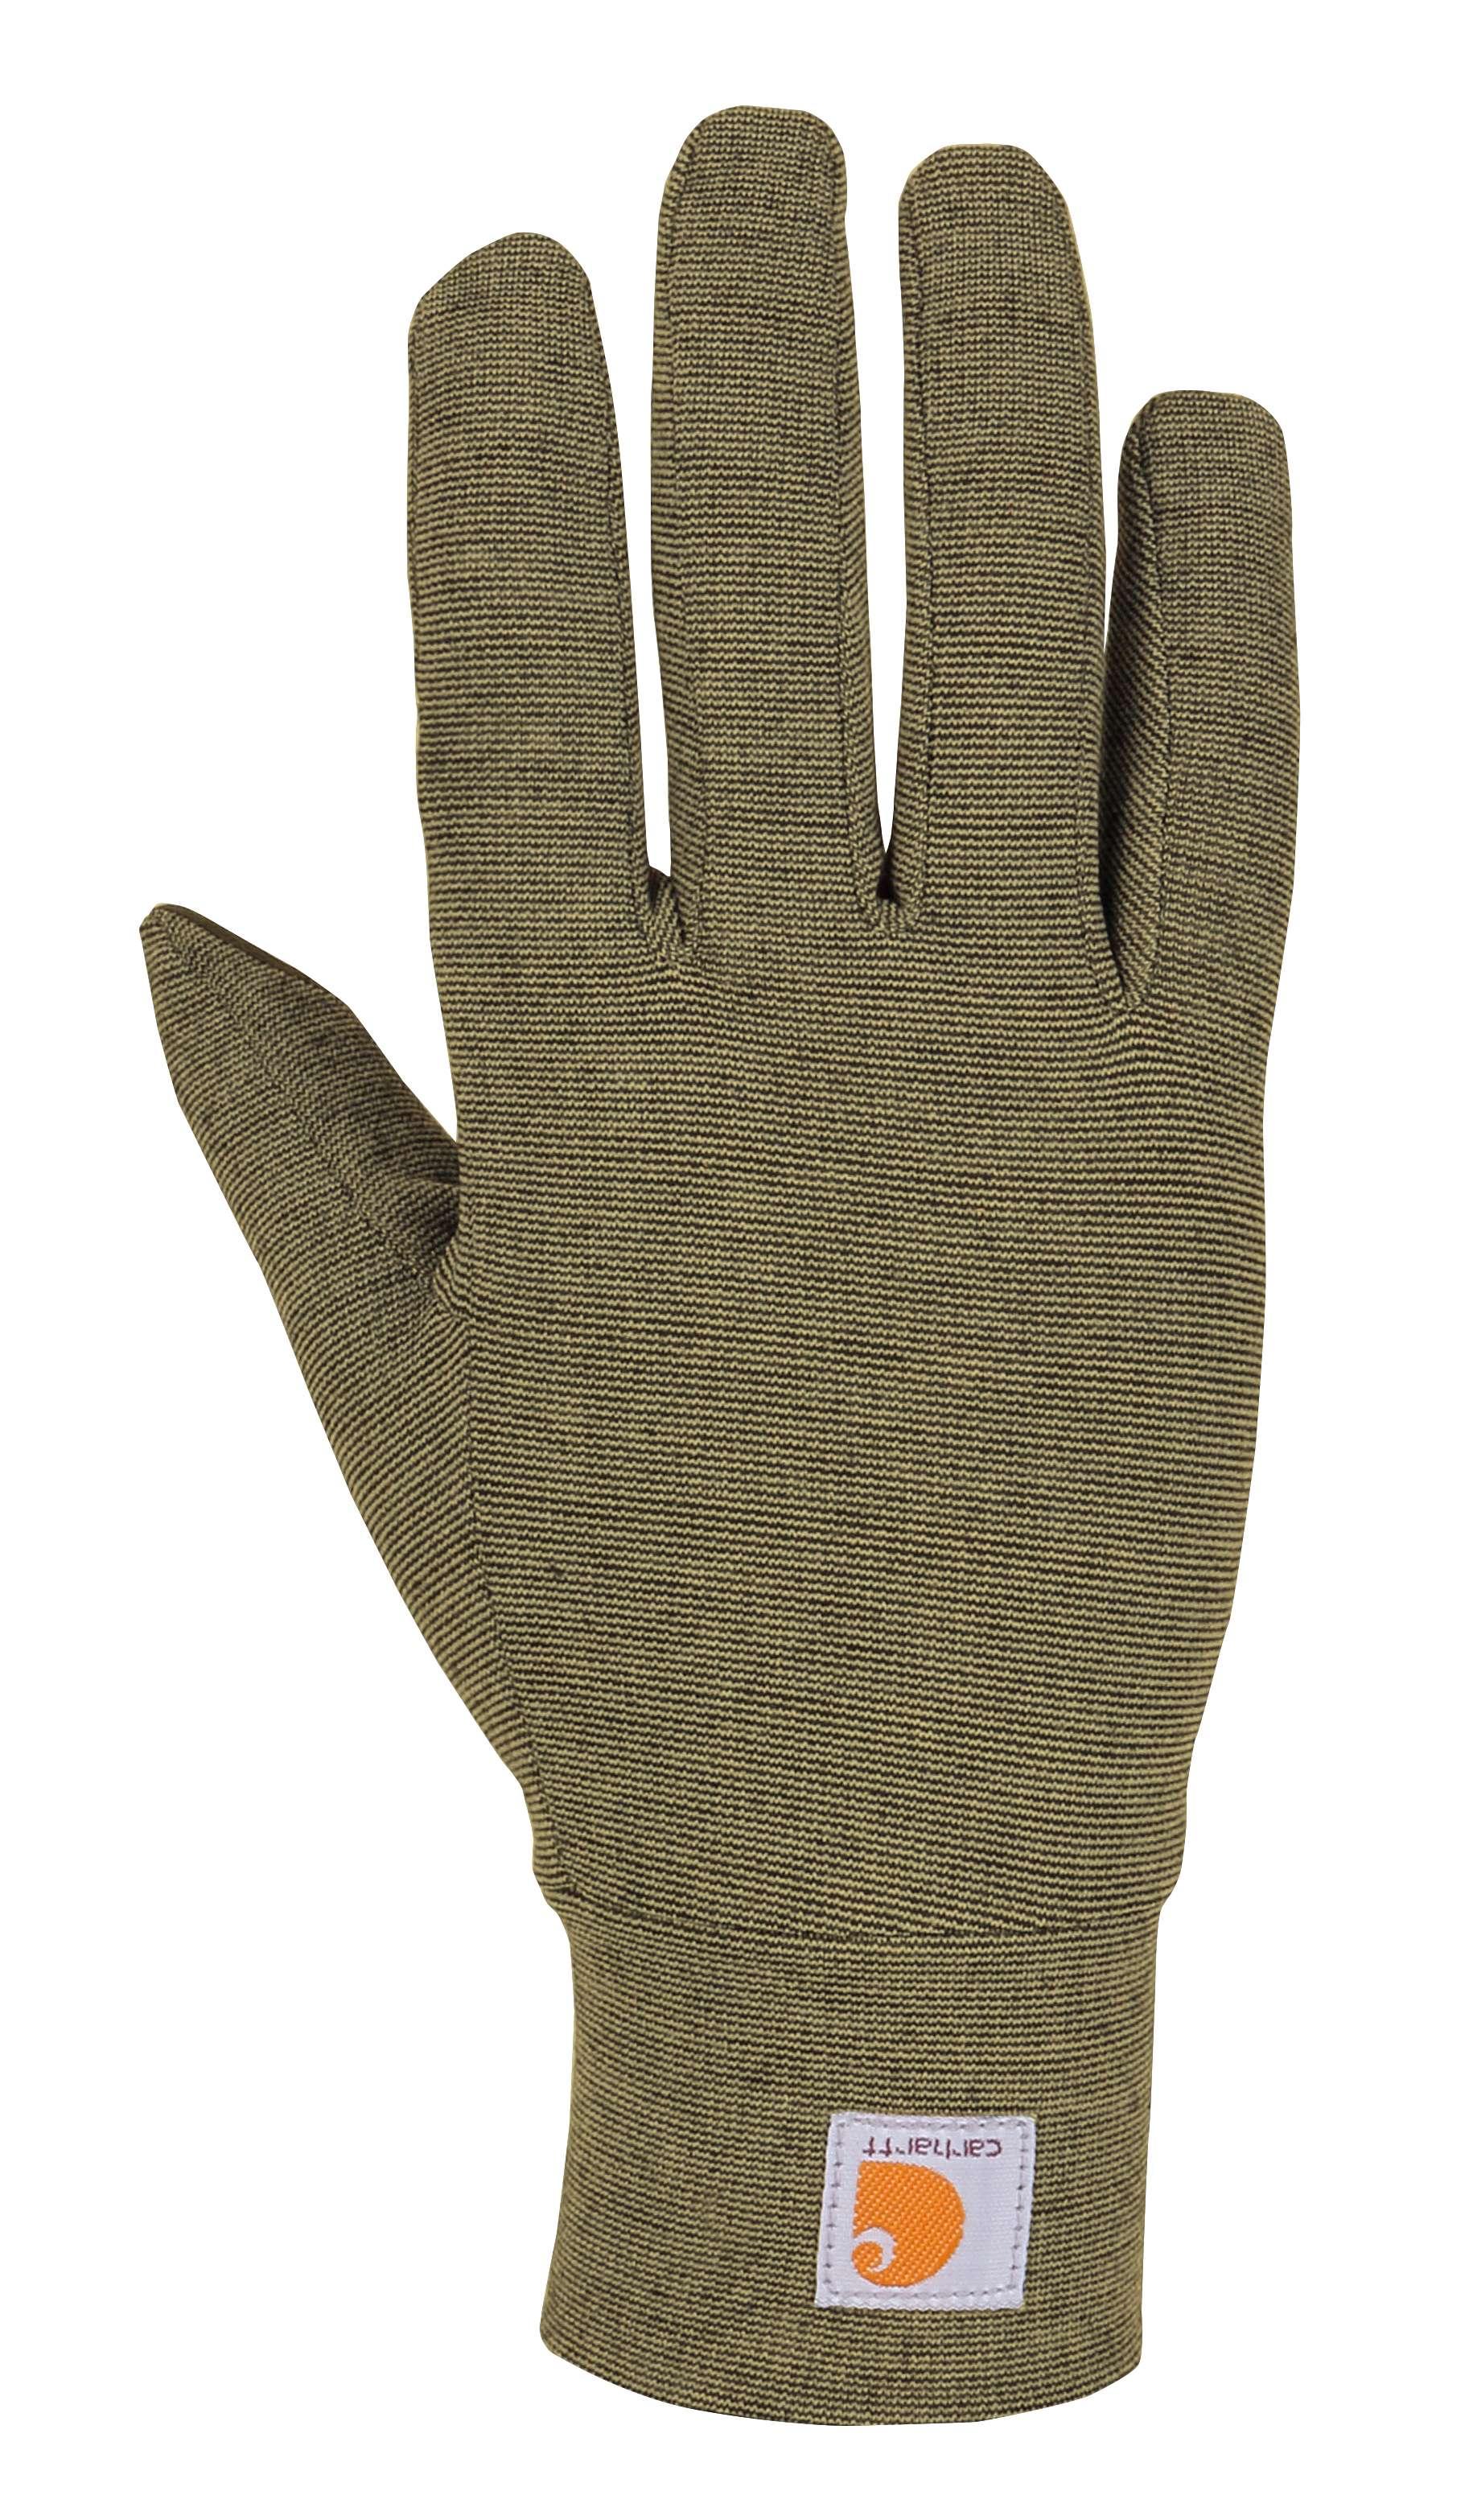 Carhartt Force Heavyweight Liner Knit Glove